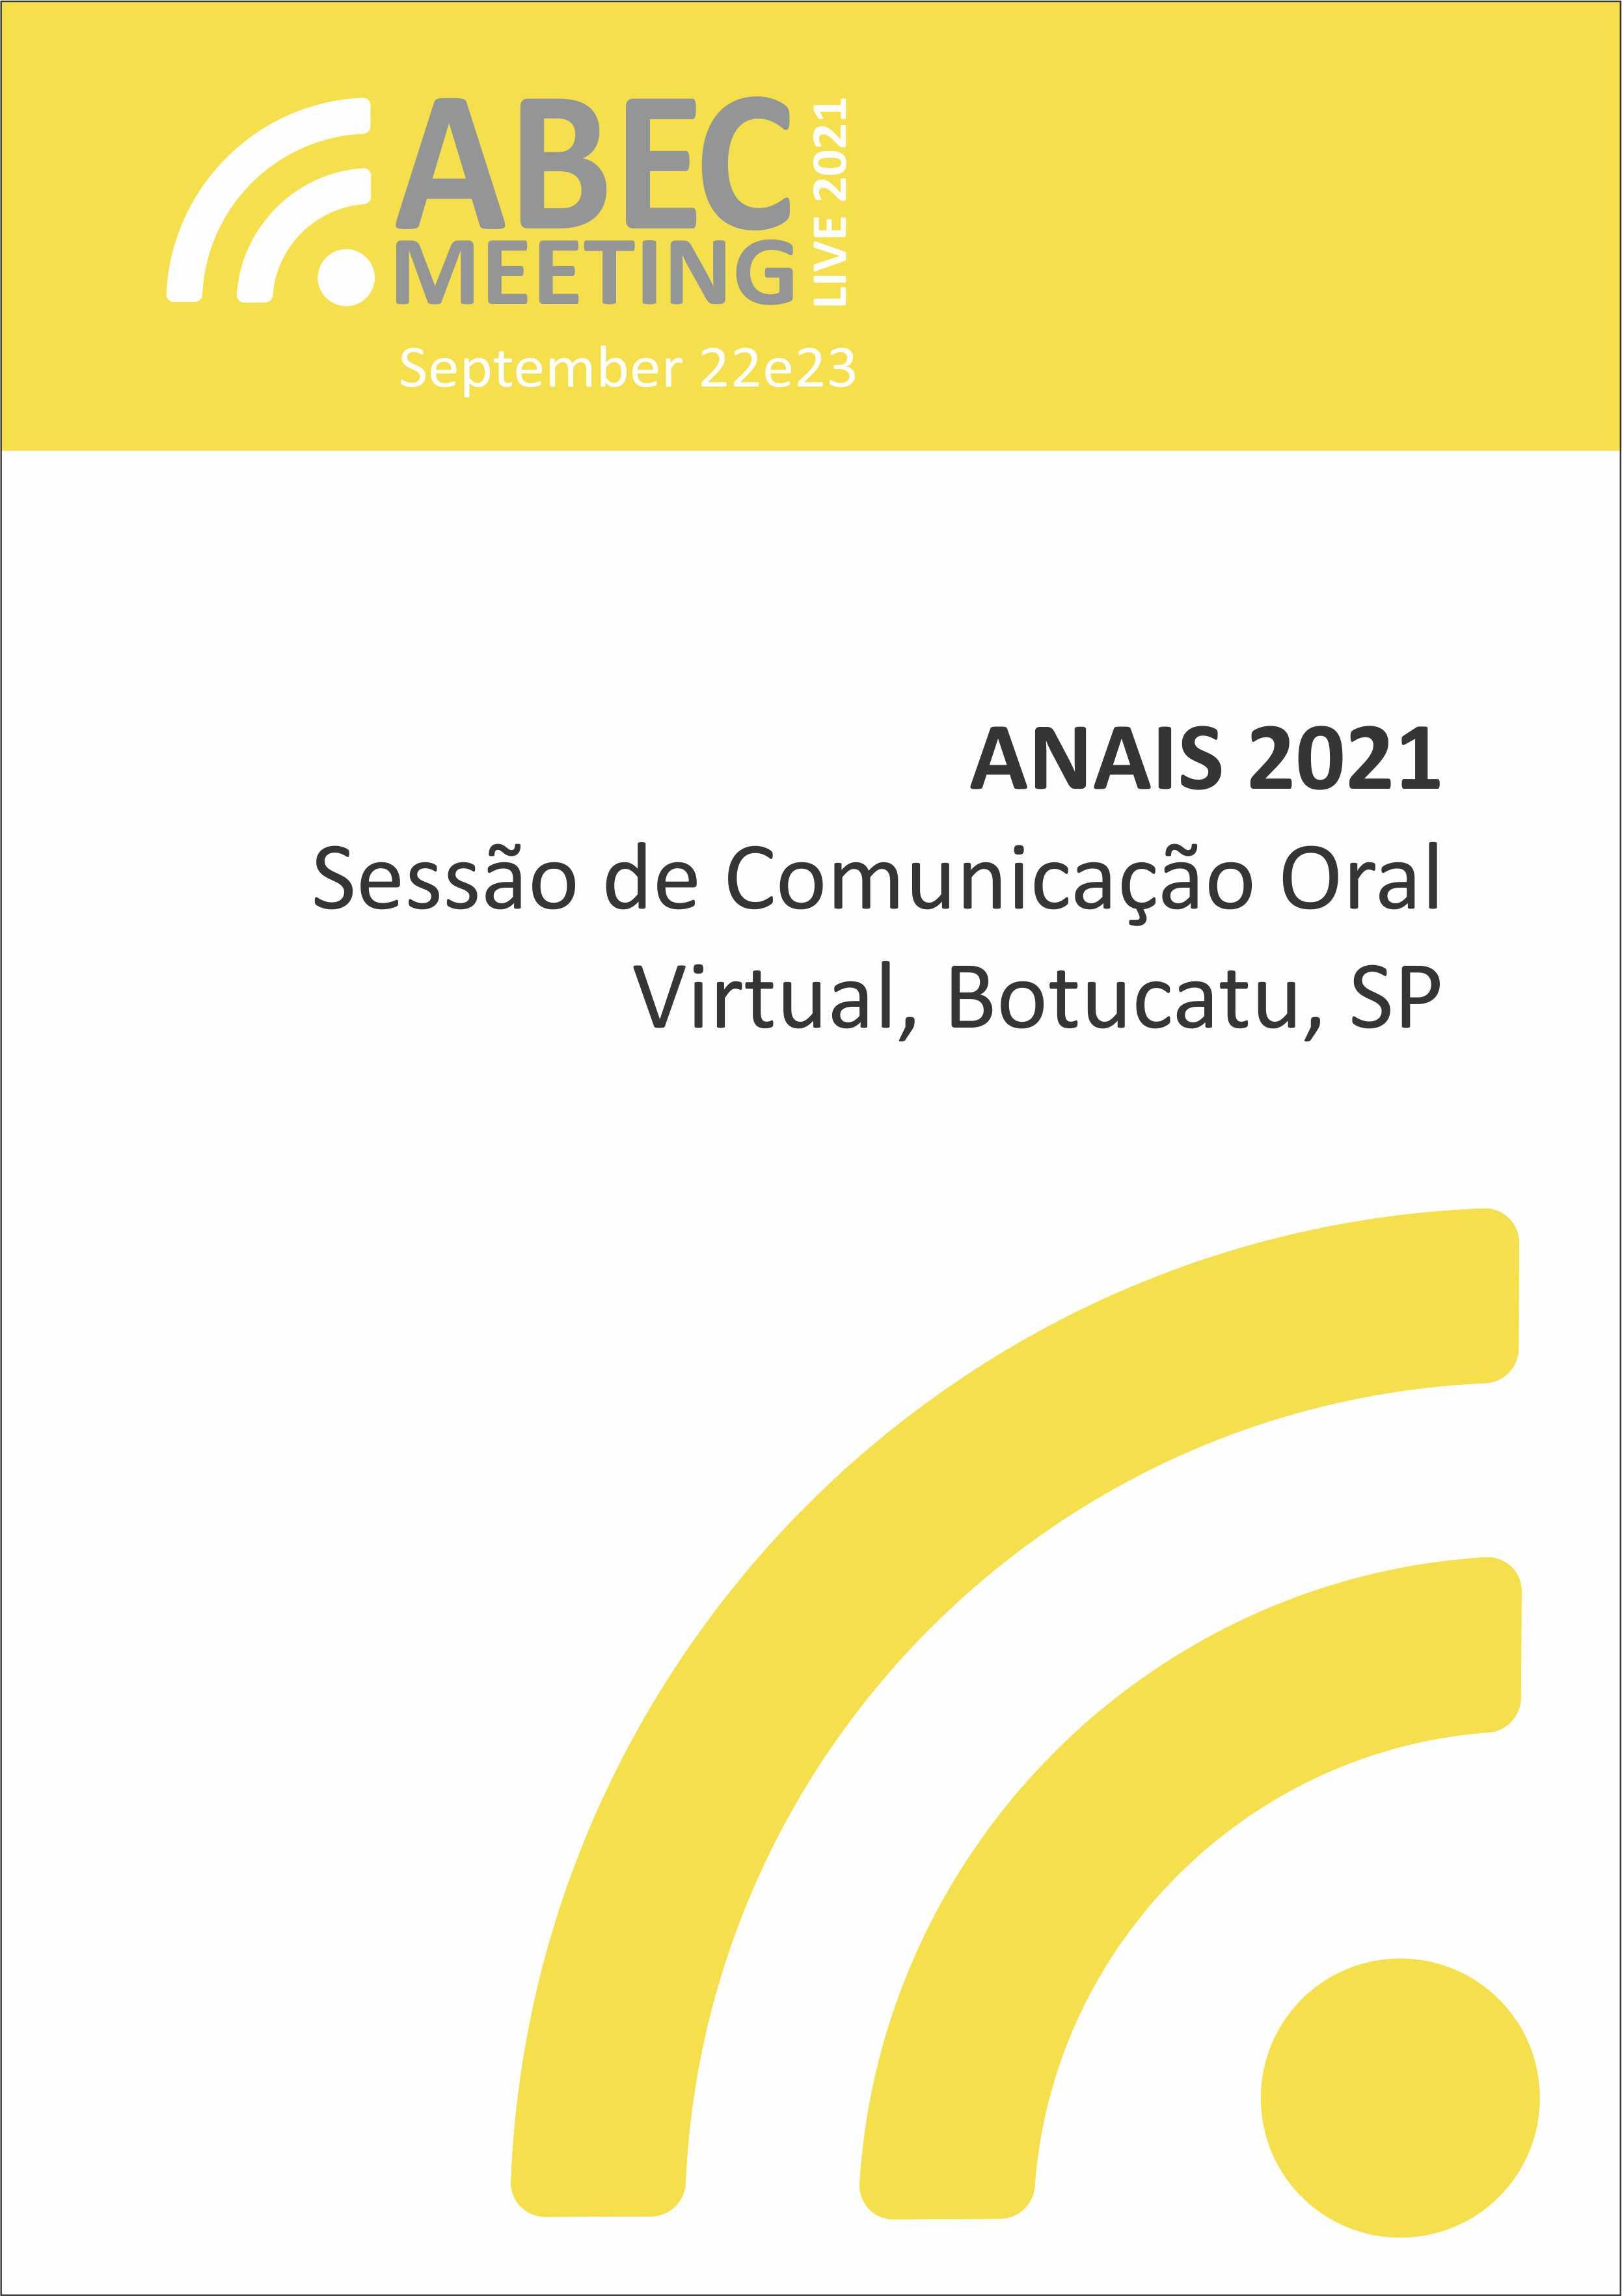 Visualizar 2021: Abec Meeting Live 2021